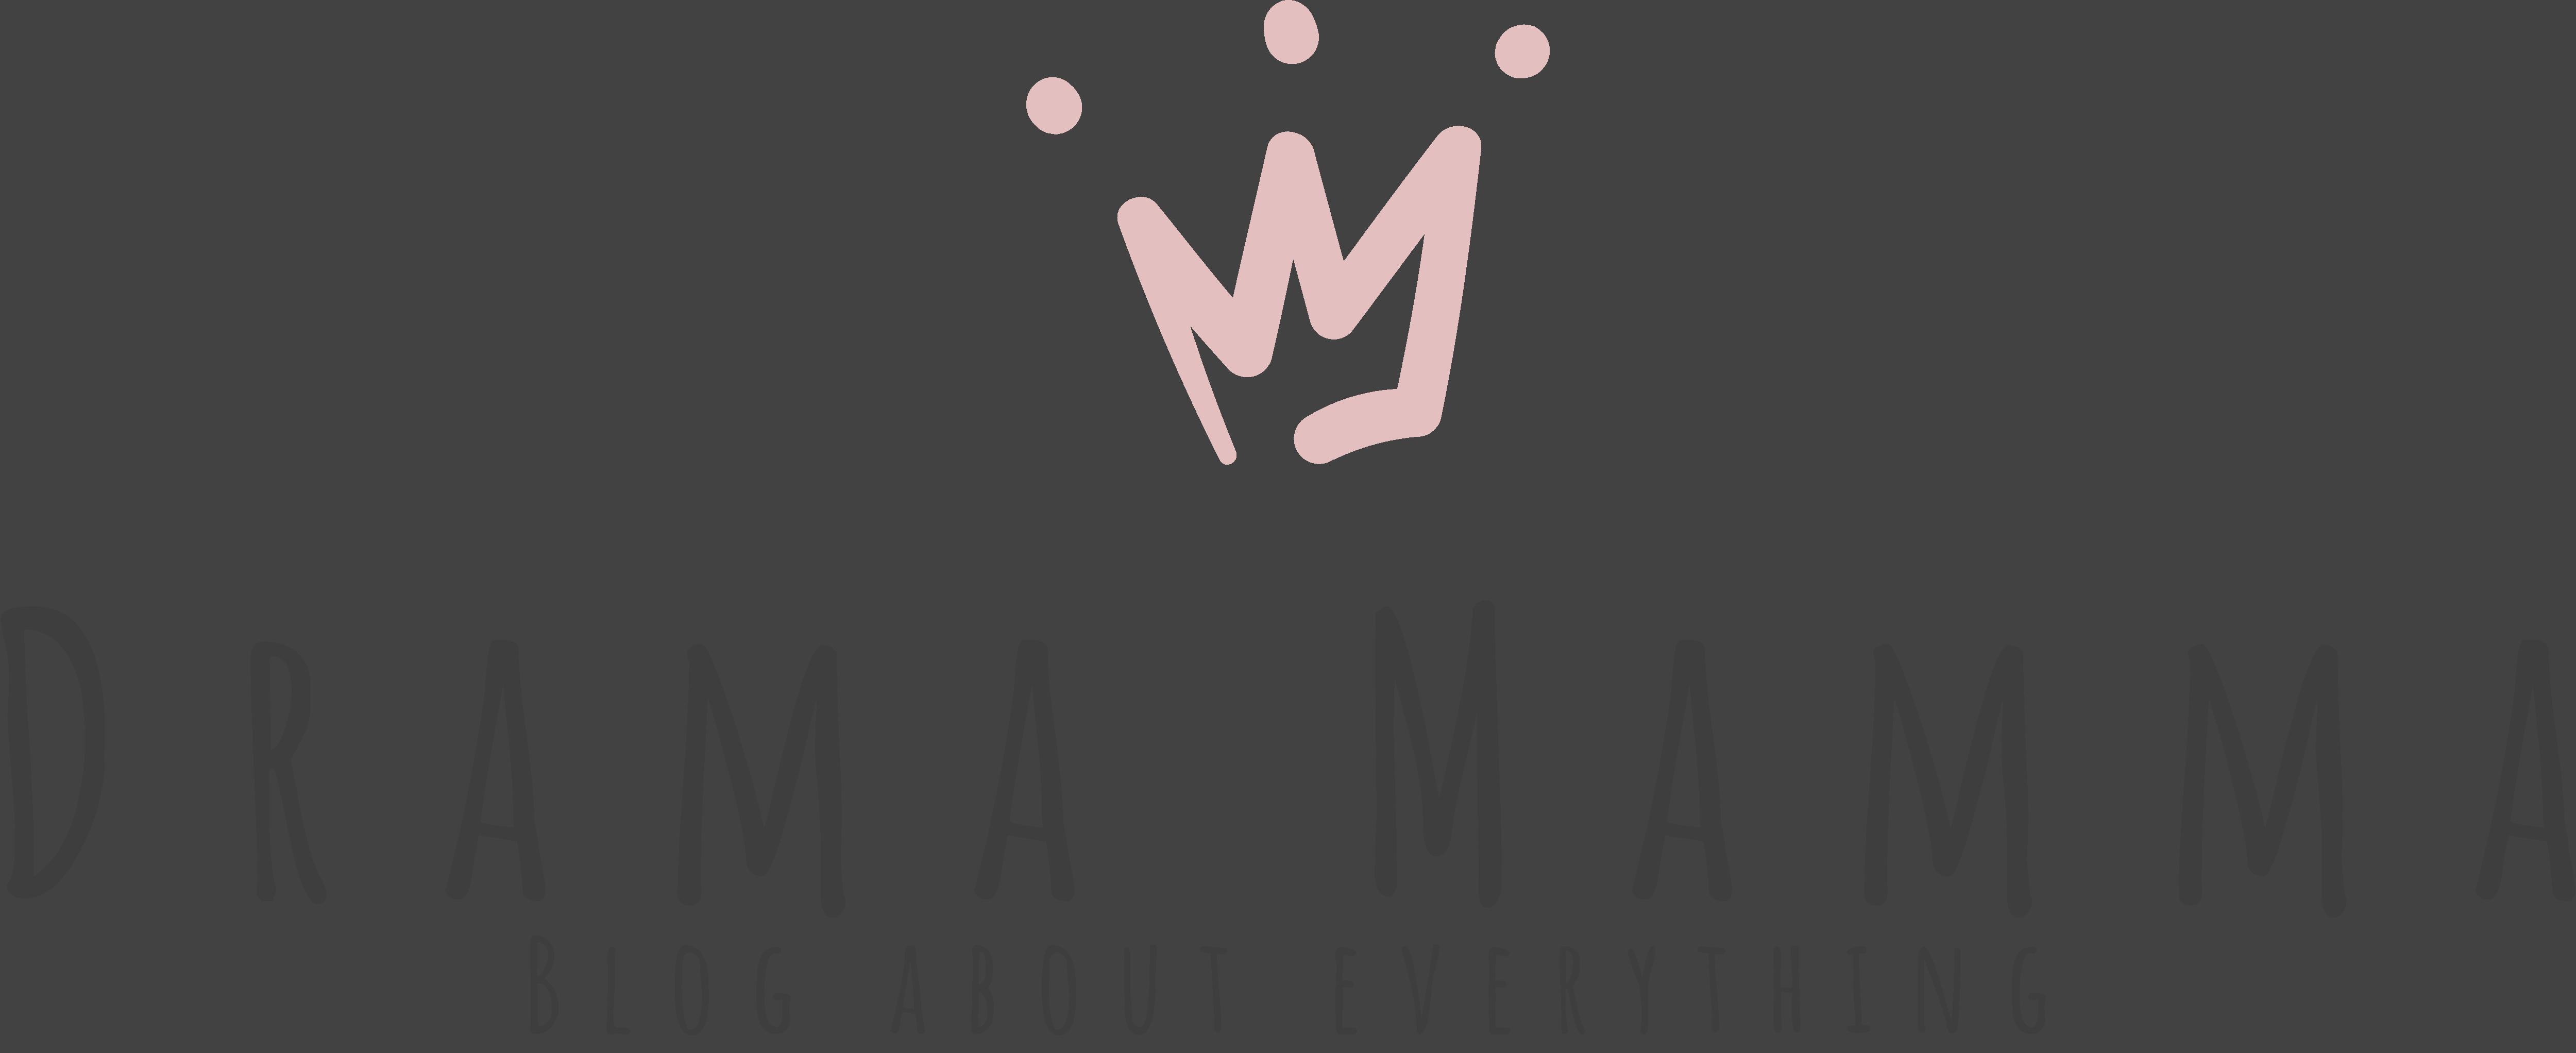 D r a m a   M a m m a